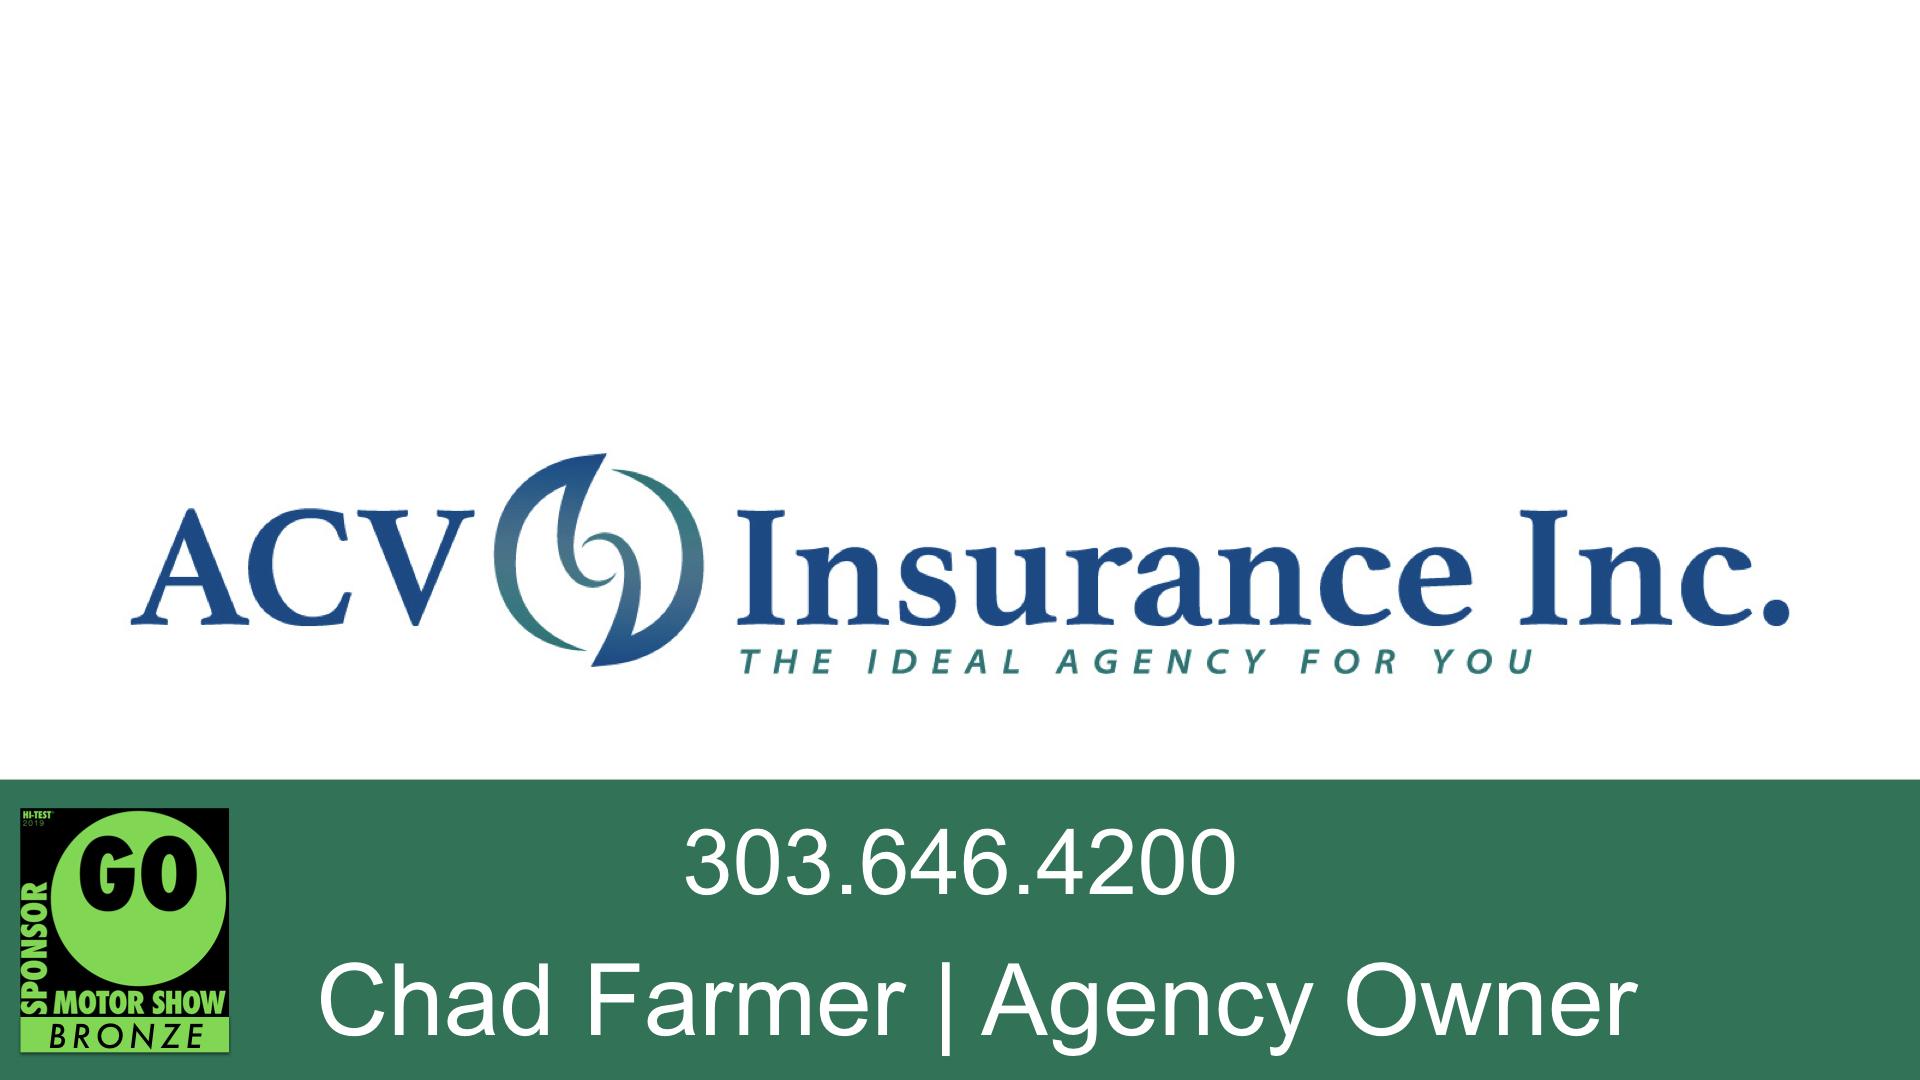 ACV Insurance